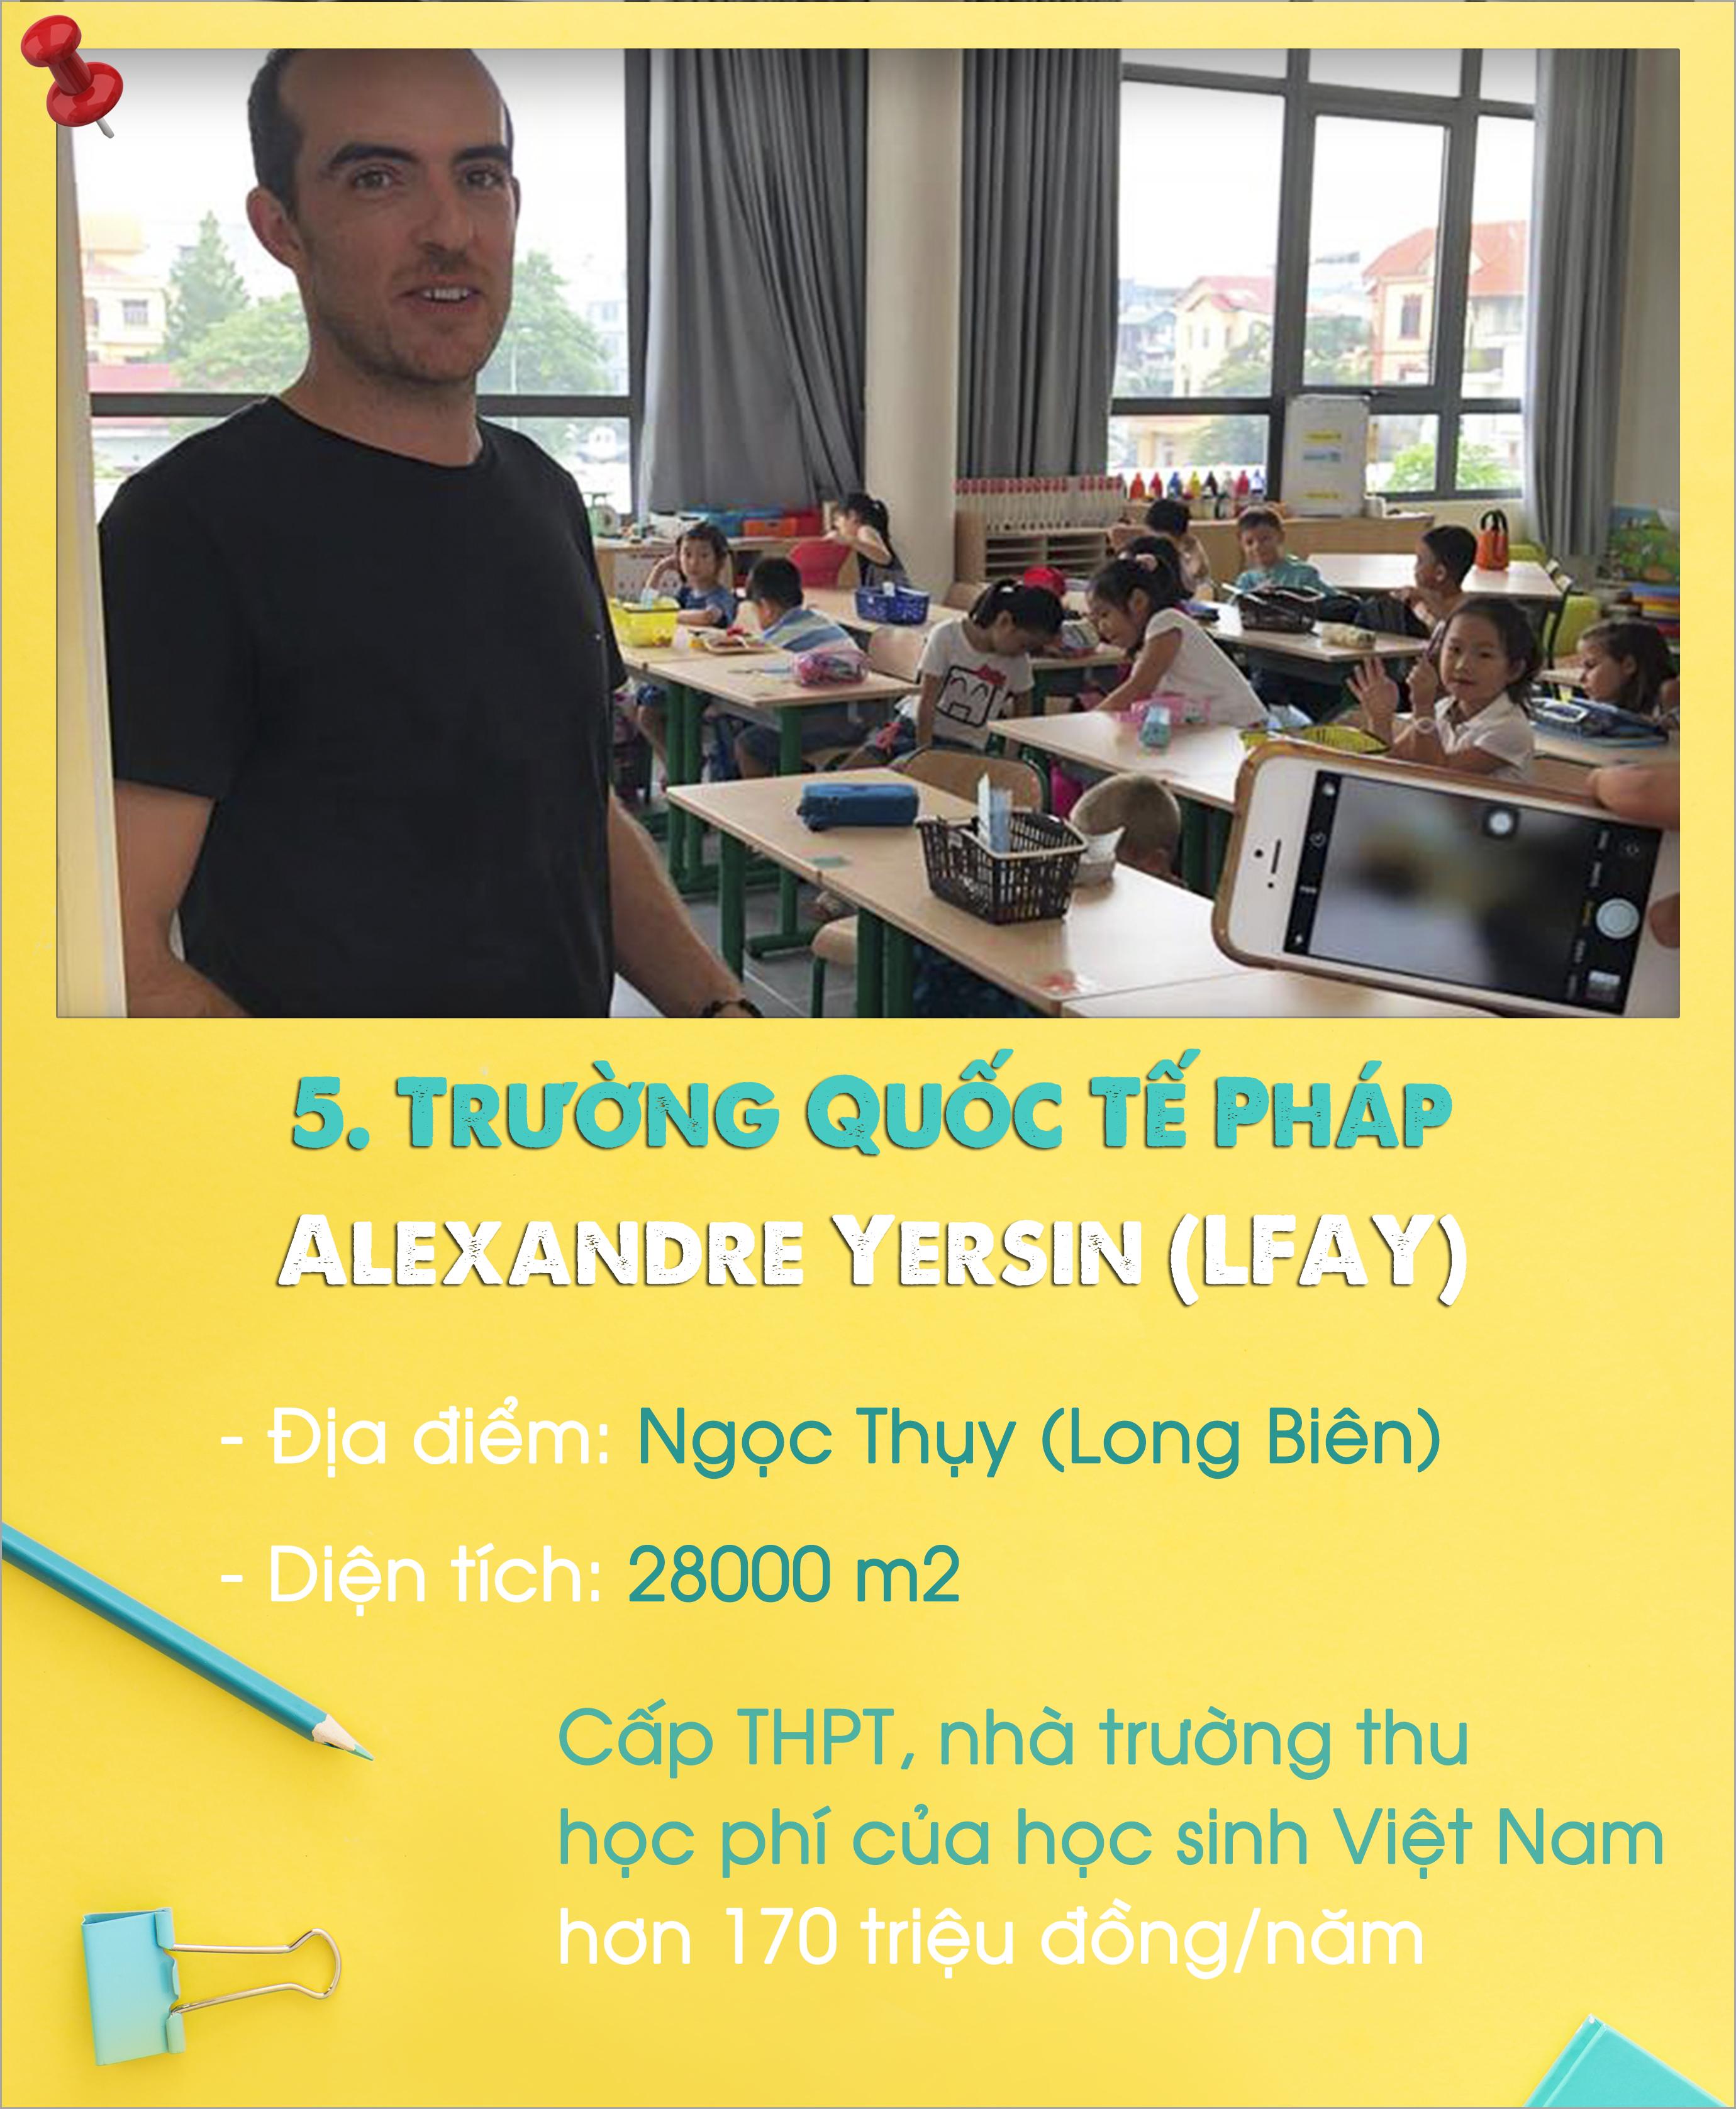 [E] Cho con học trường Quốc tế ở Hà Nội: Học phí 8 tỷ đồng - Ảnh 15